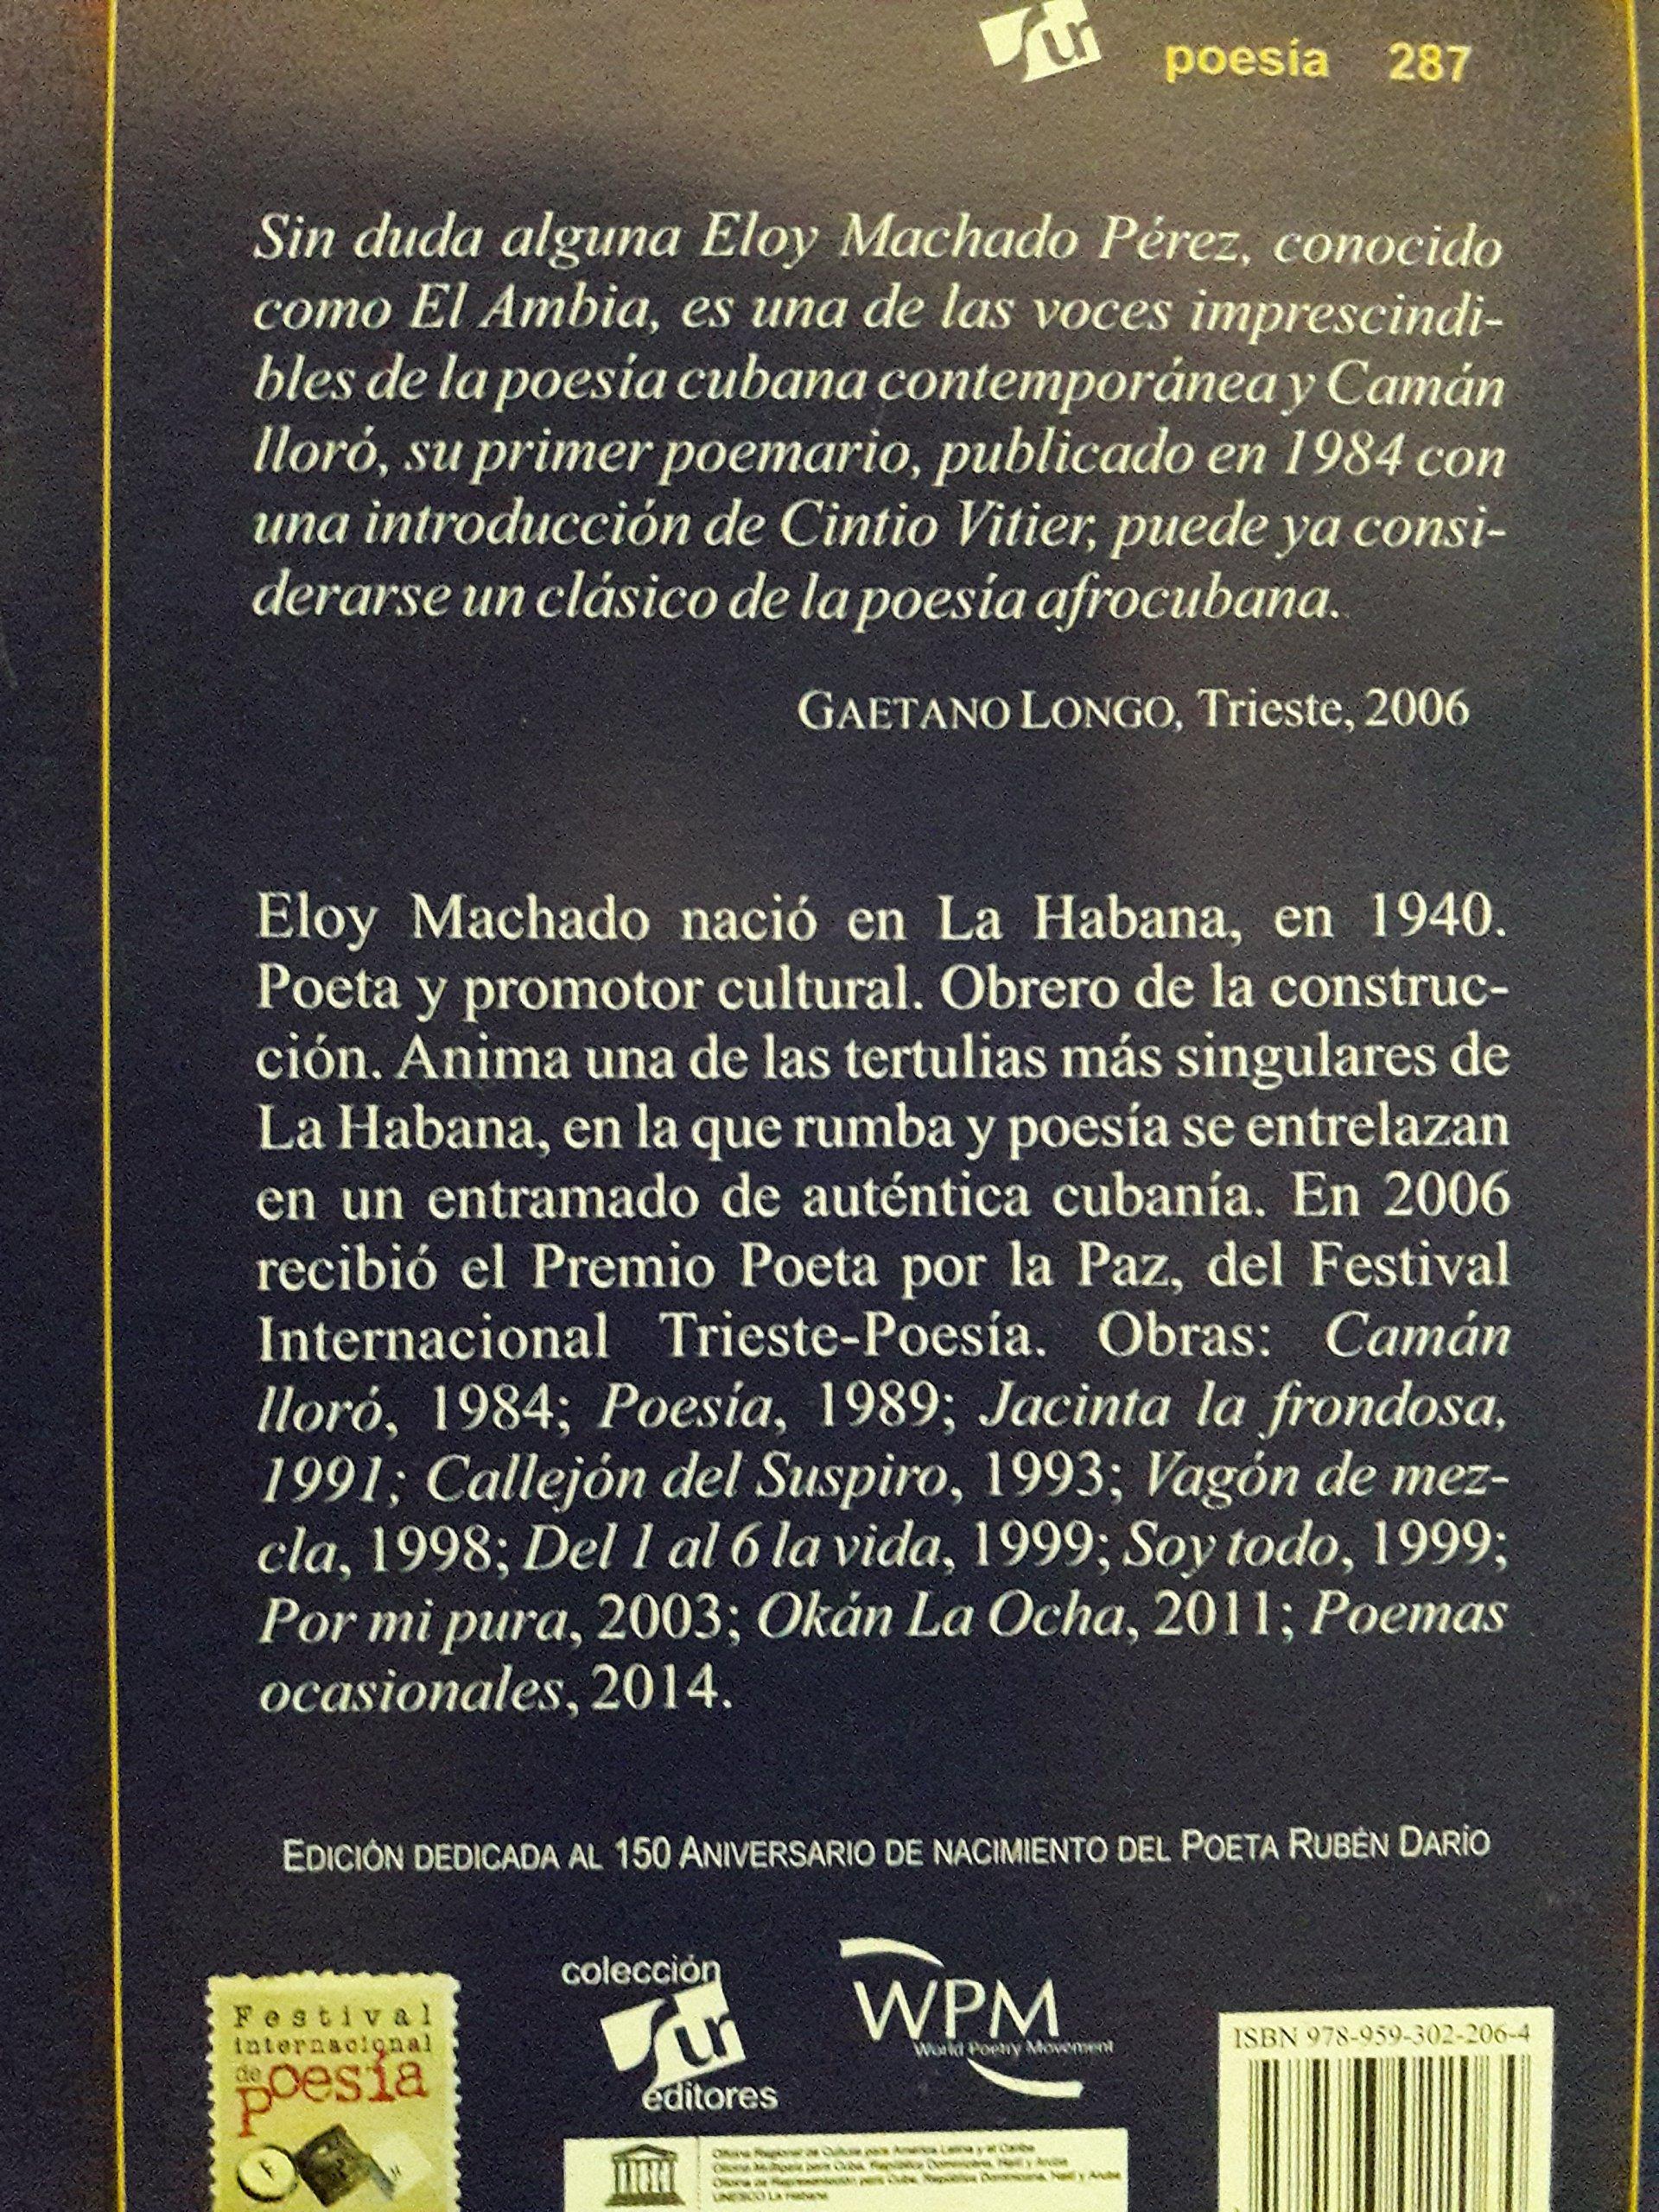 Caman lloro antologia poetica 1984-2014.: Eloy machado perez.el ambia: 9789593022064: Amazon.com: Books